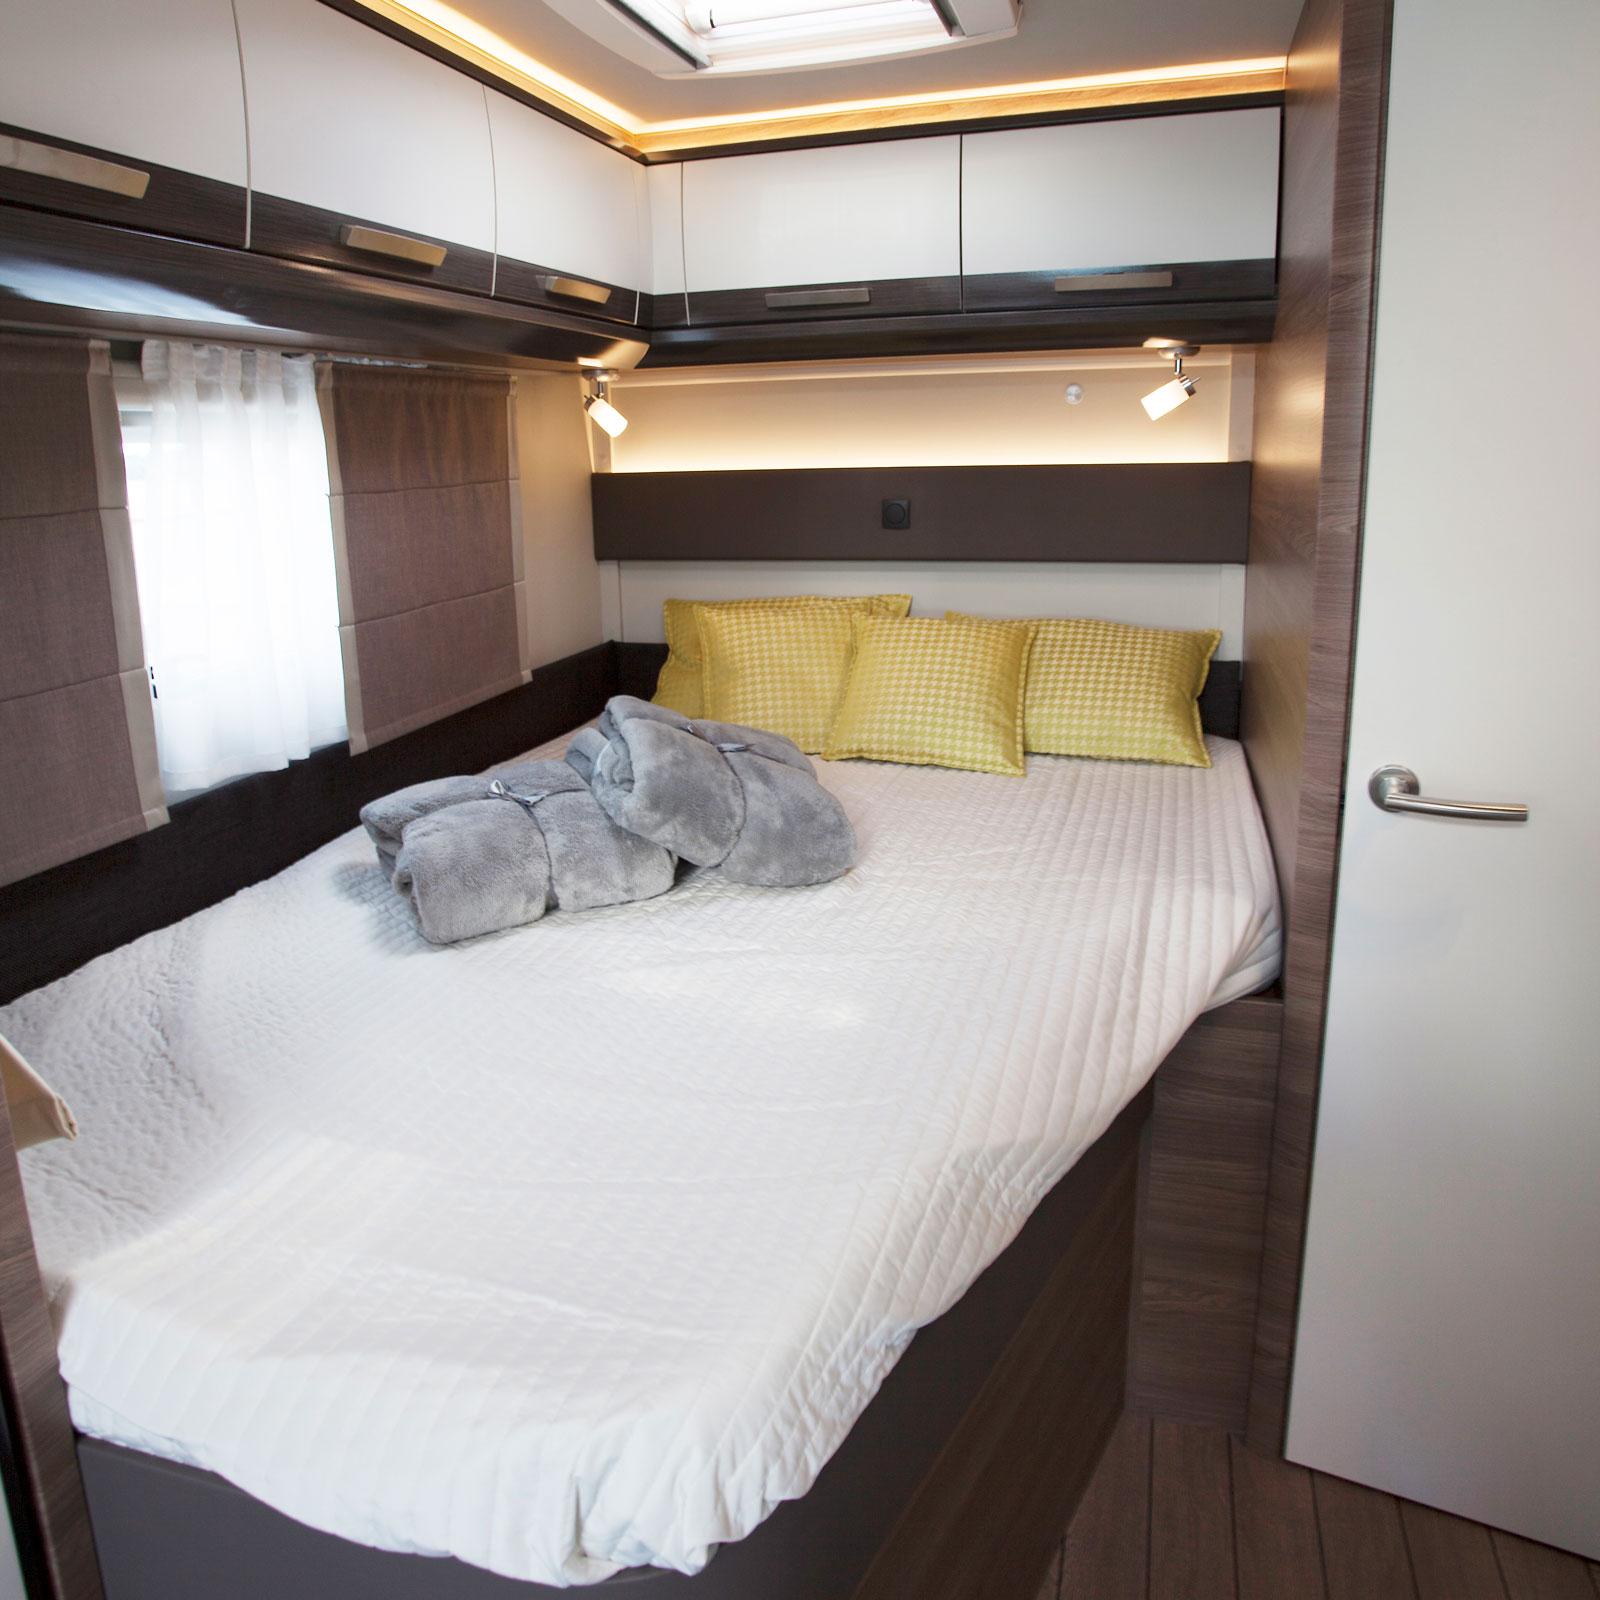 Den franska sängen erbjuder bra komfort liksom rejäla förvaringsutrymmen undertill. Usb-uttag saknas i anslutning till sängen.